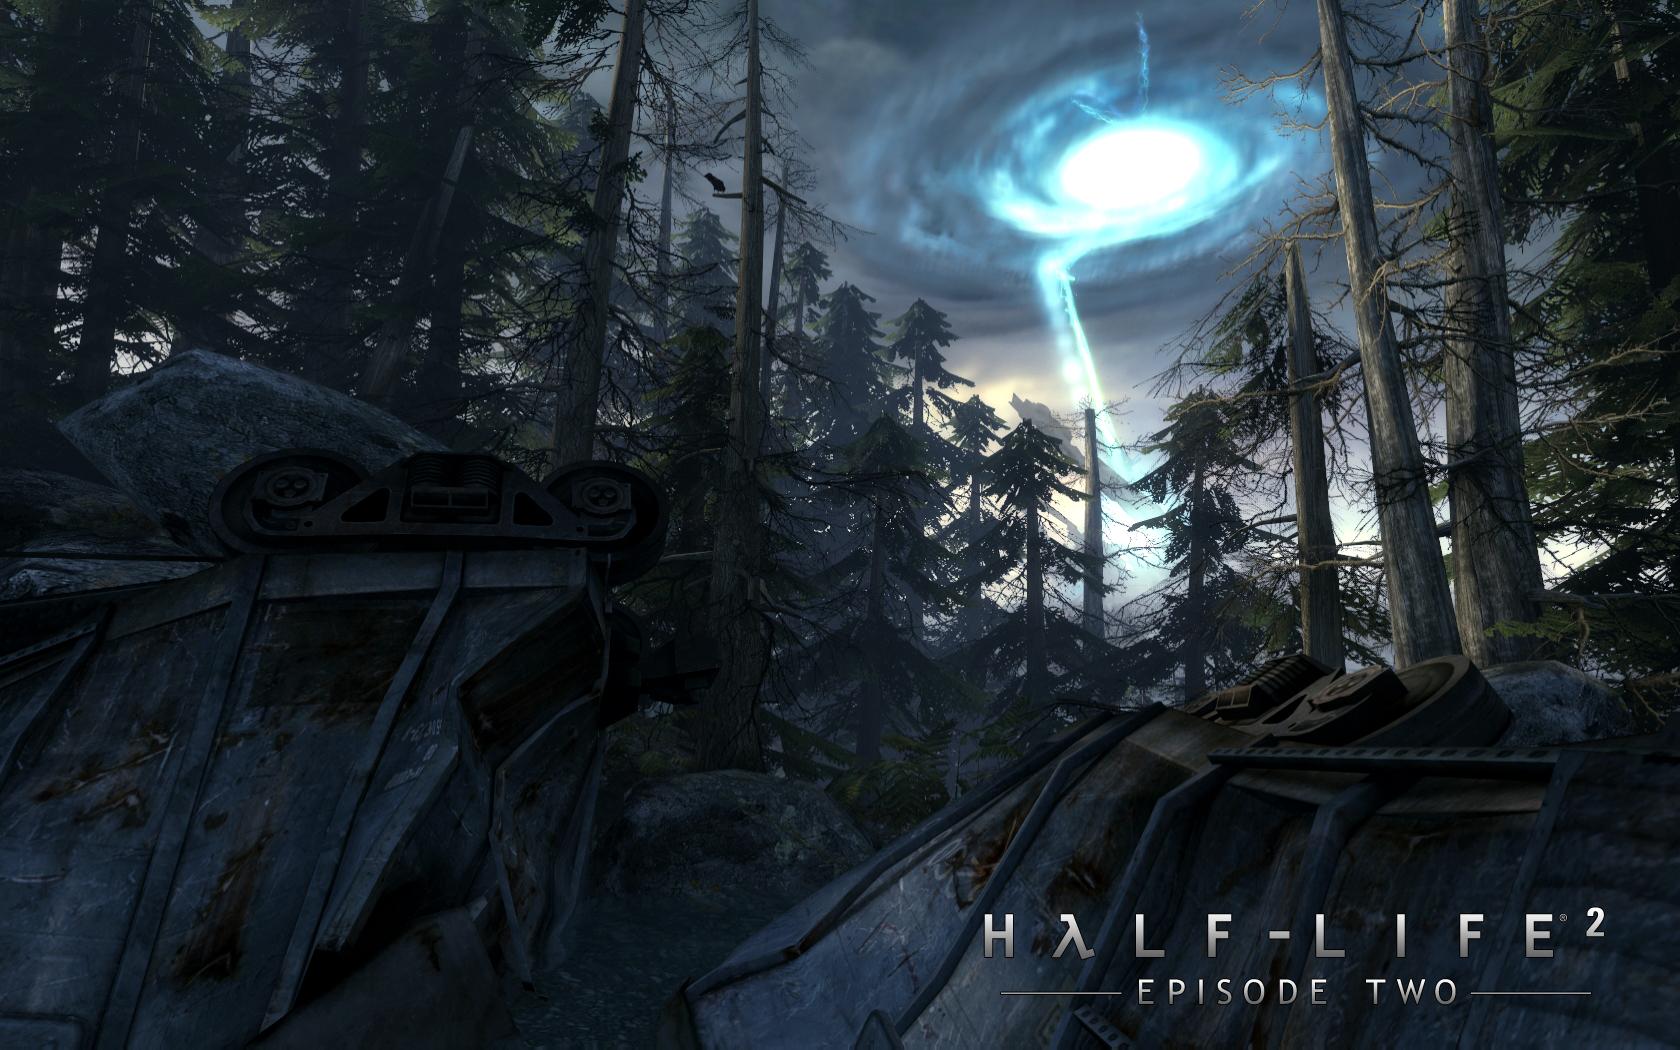 Half Life 2 Episode 2 wallpapers Half Life 2 Episode 2 stock 1680x1050